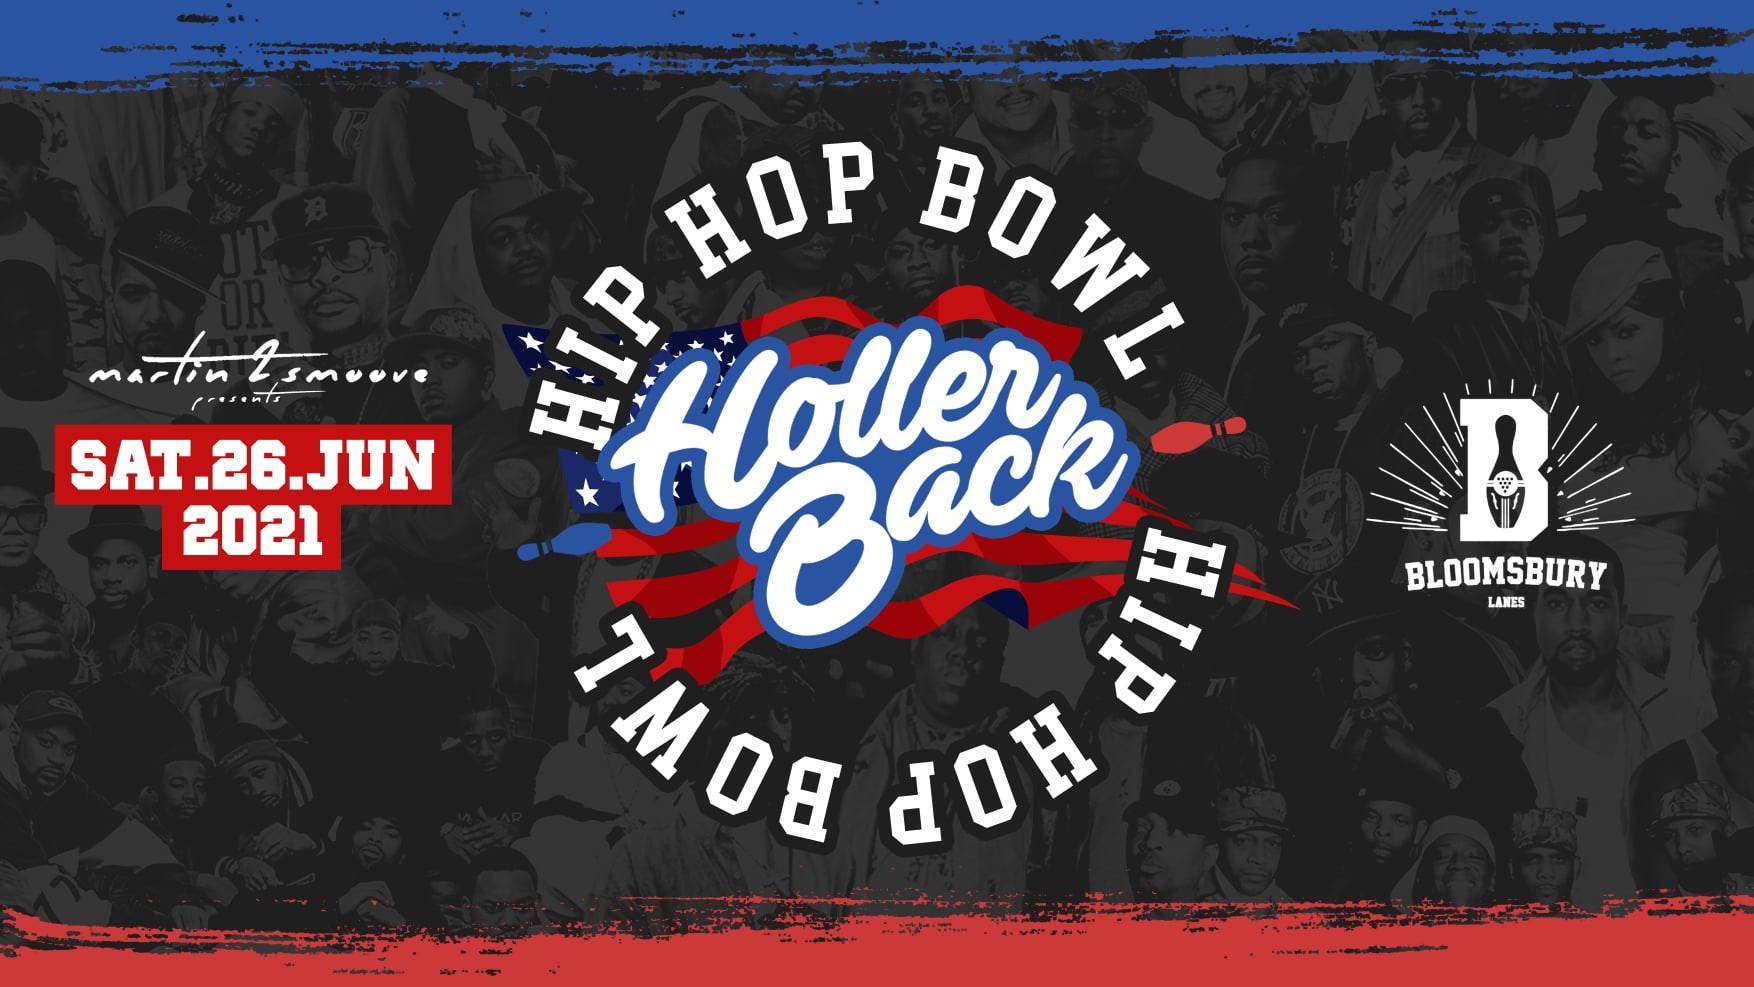 Holler Back Presents: Hip Hop Bowl 🎳